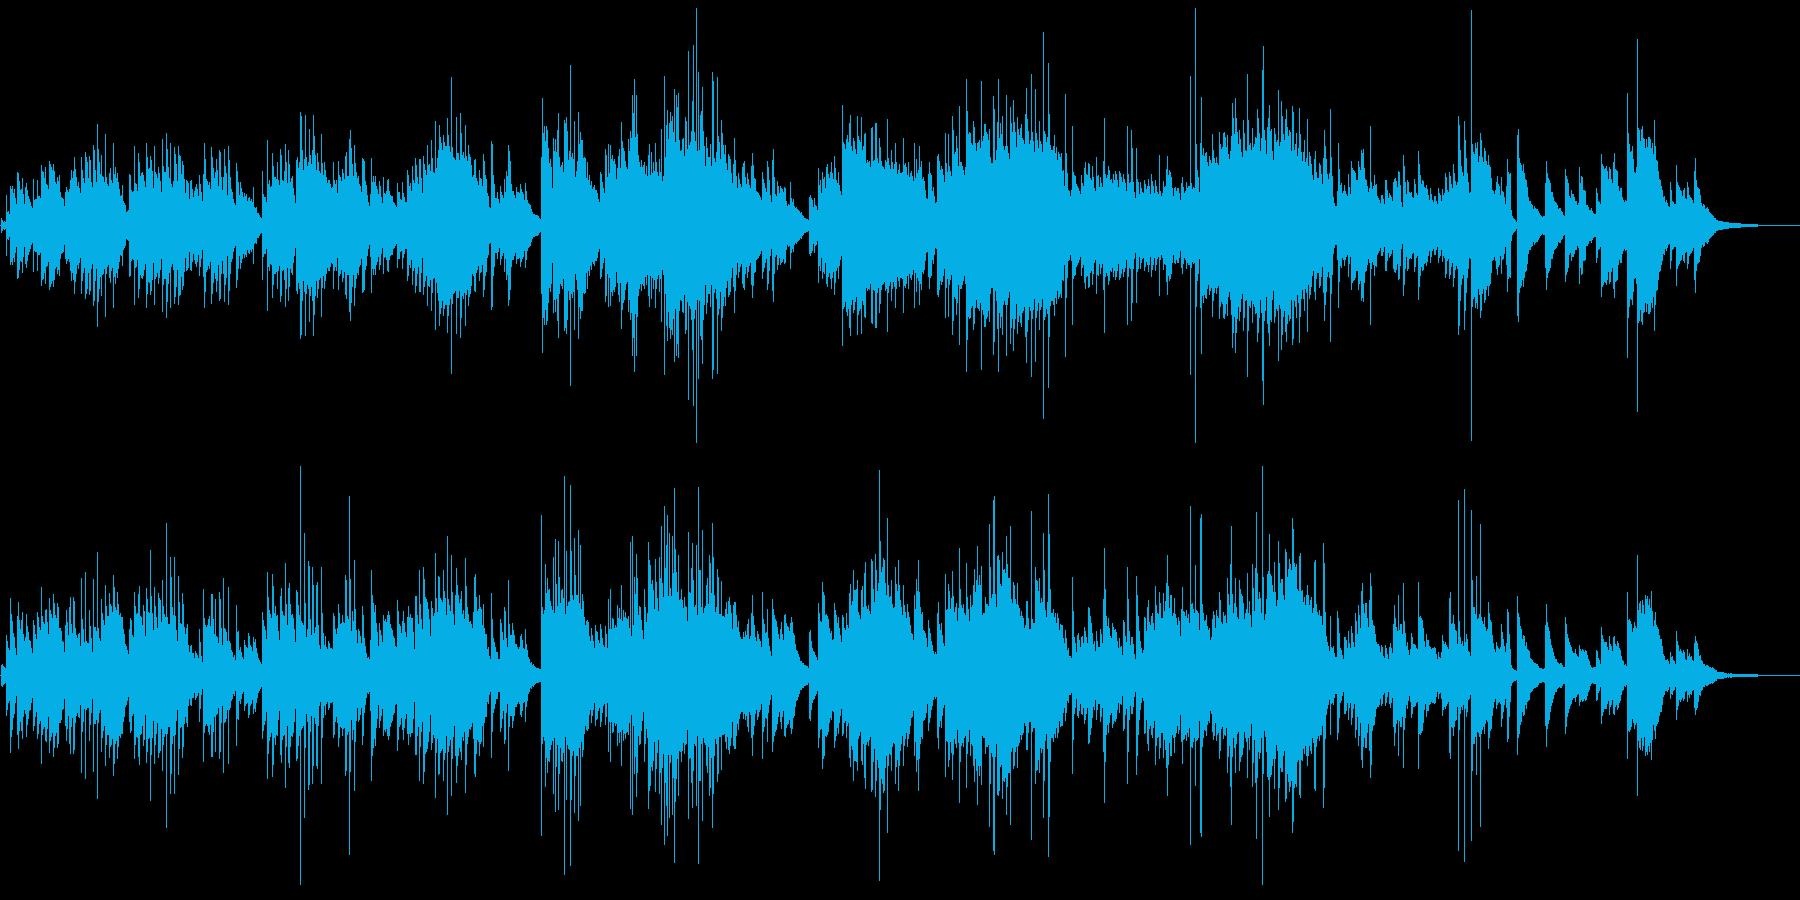 可憐で朗らかなピアノバラードの再生済みの波形